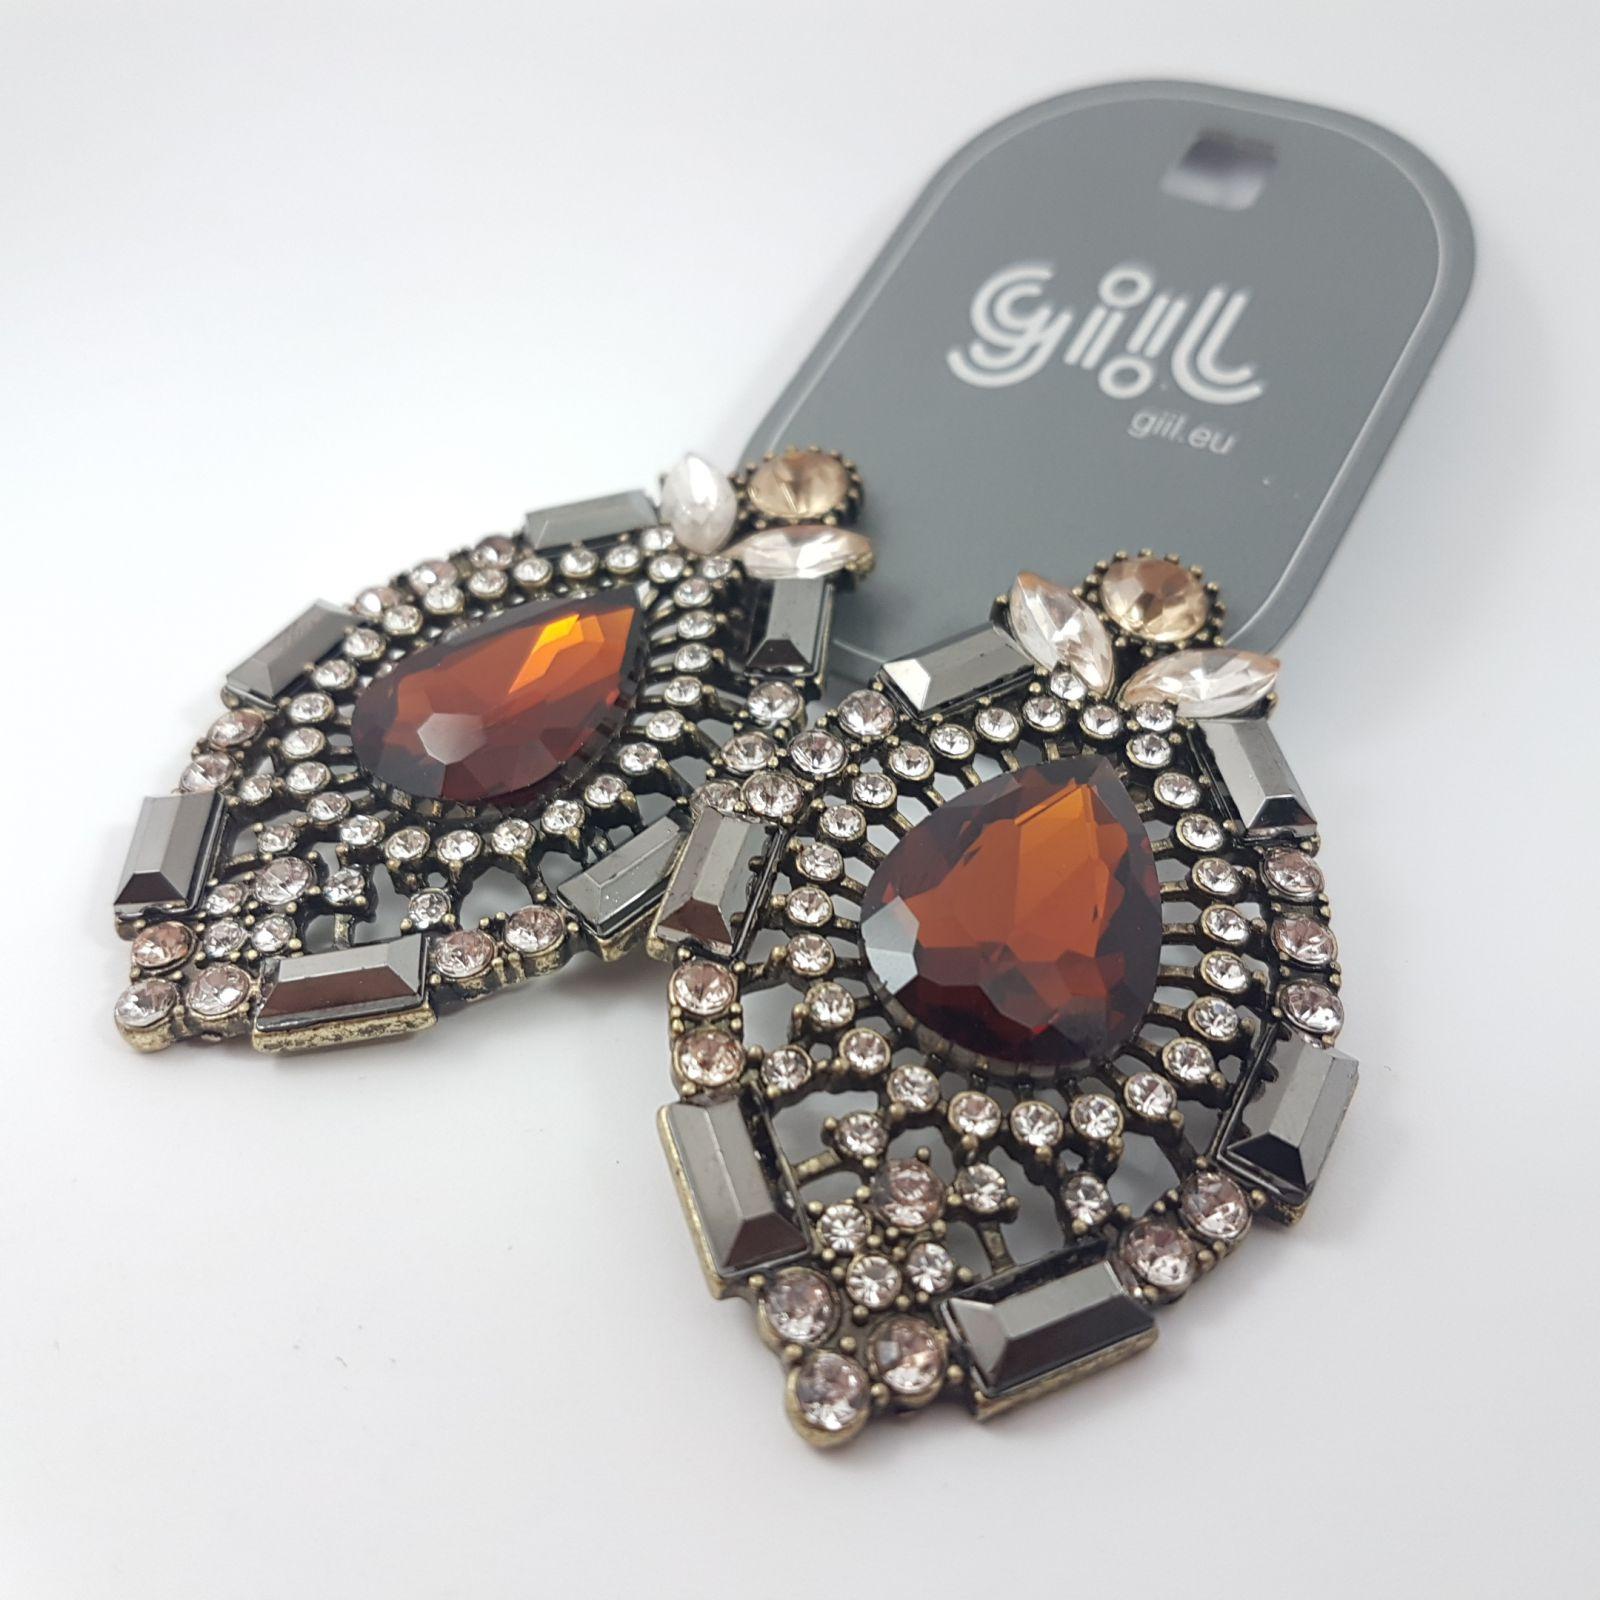 Bohaté náušnice s velikým kamínkem GIIL